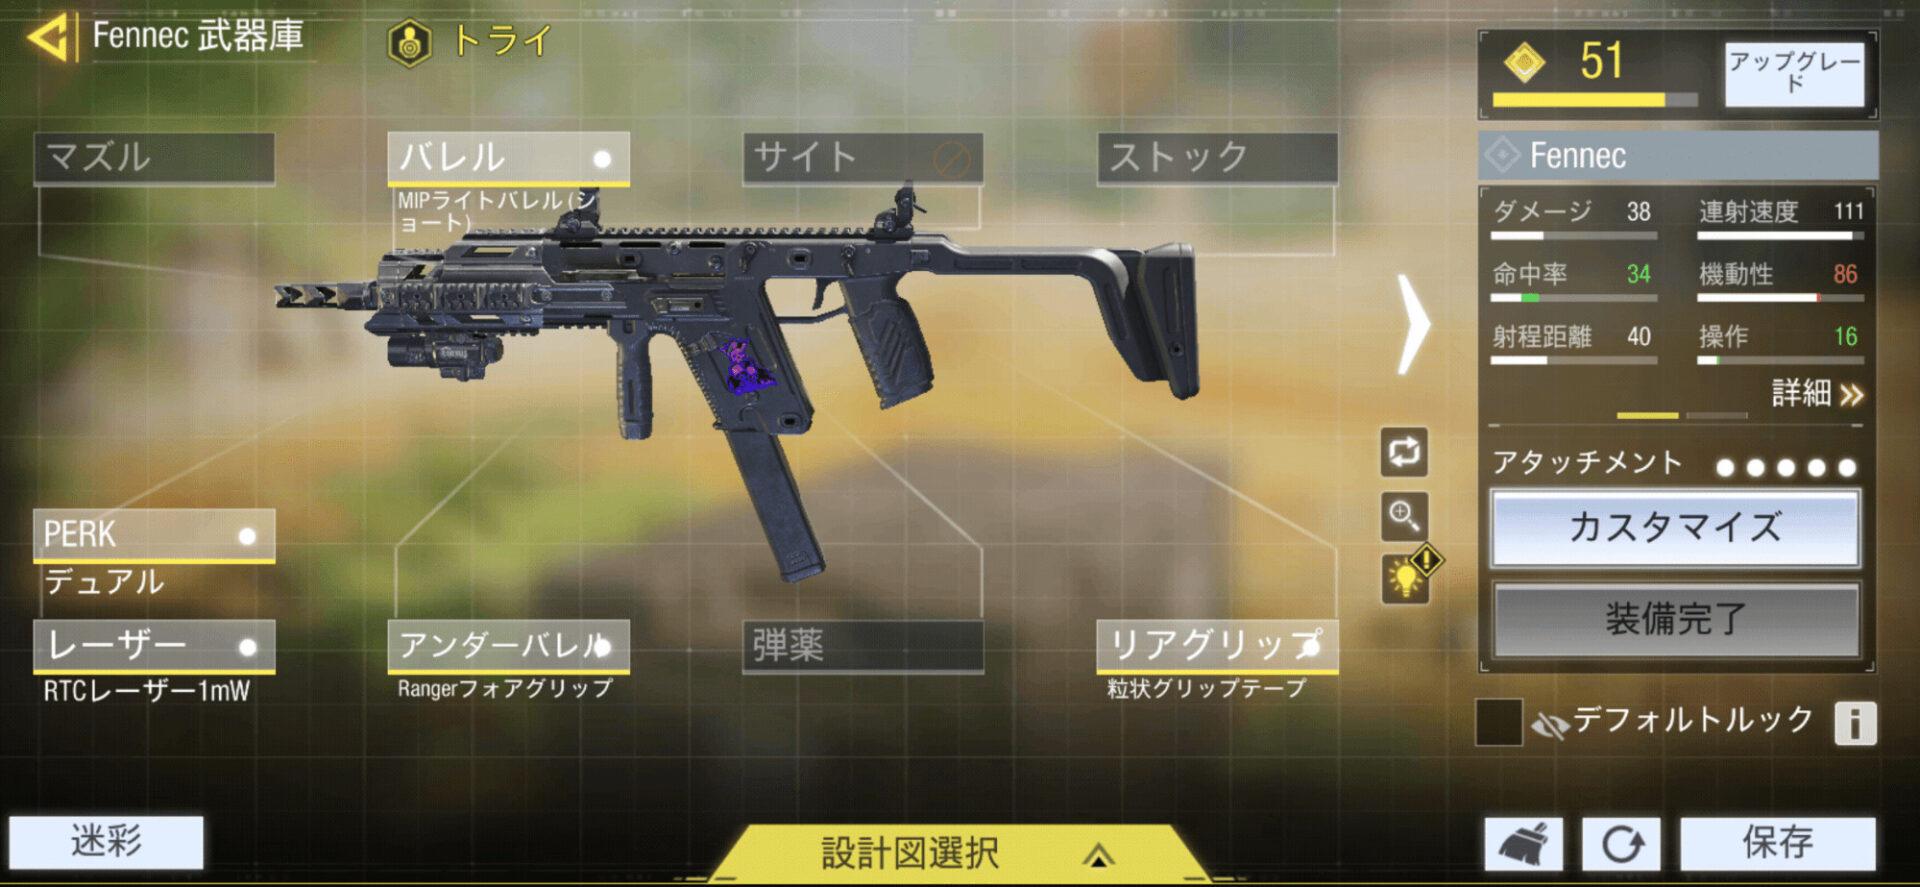 Call of Duty®: Mobileのロードアウトで武器にアタッチメントを装着し、カスタマイズしているようす